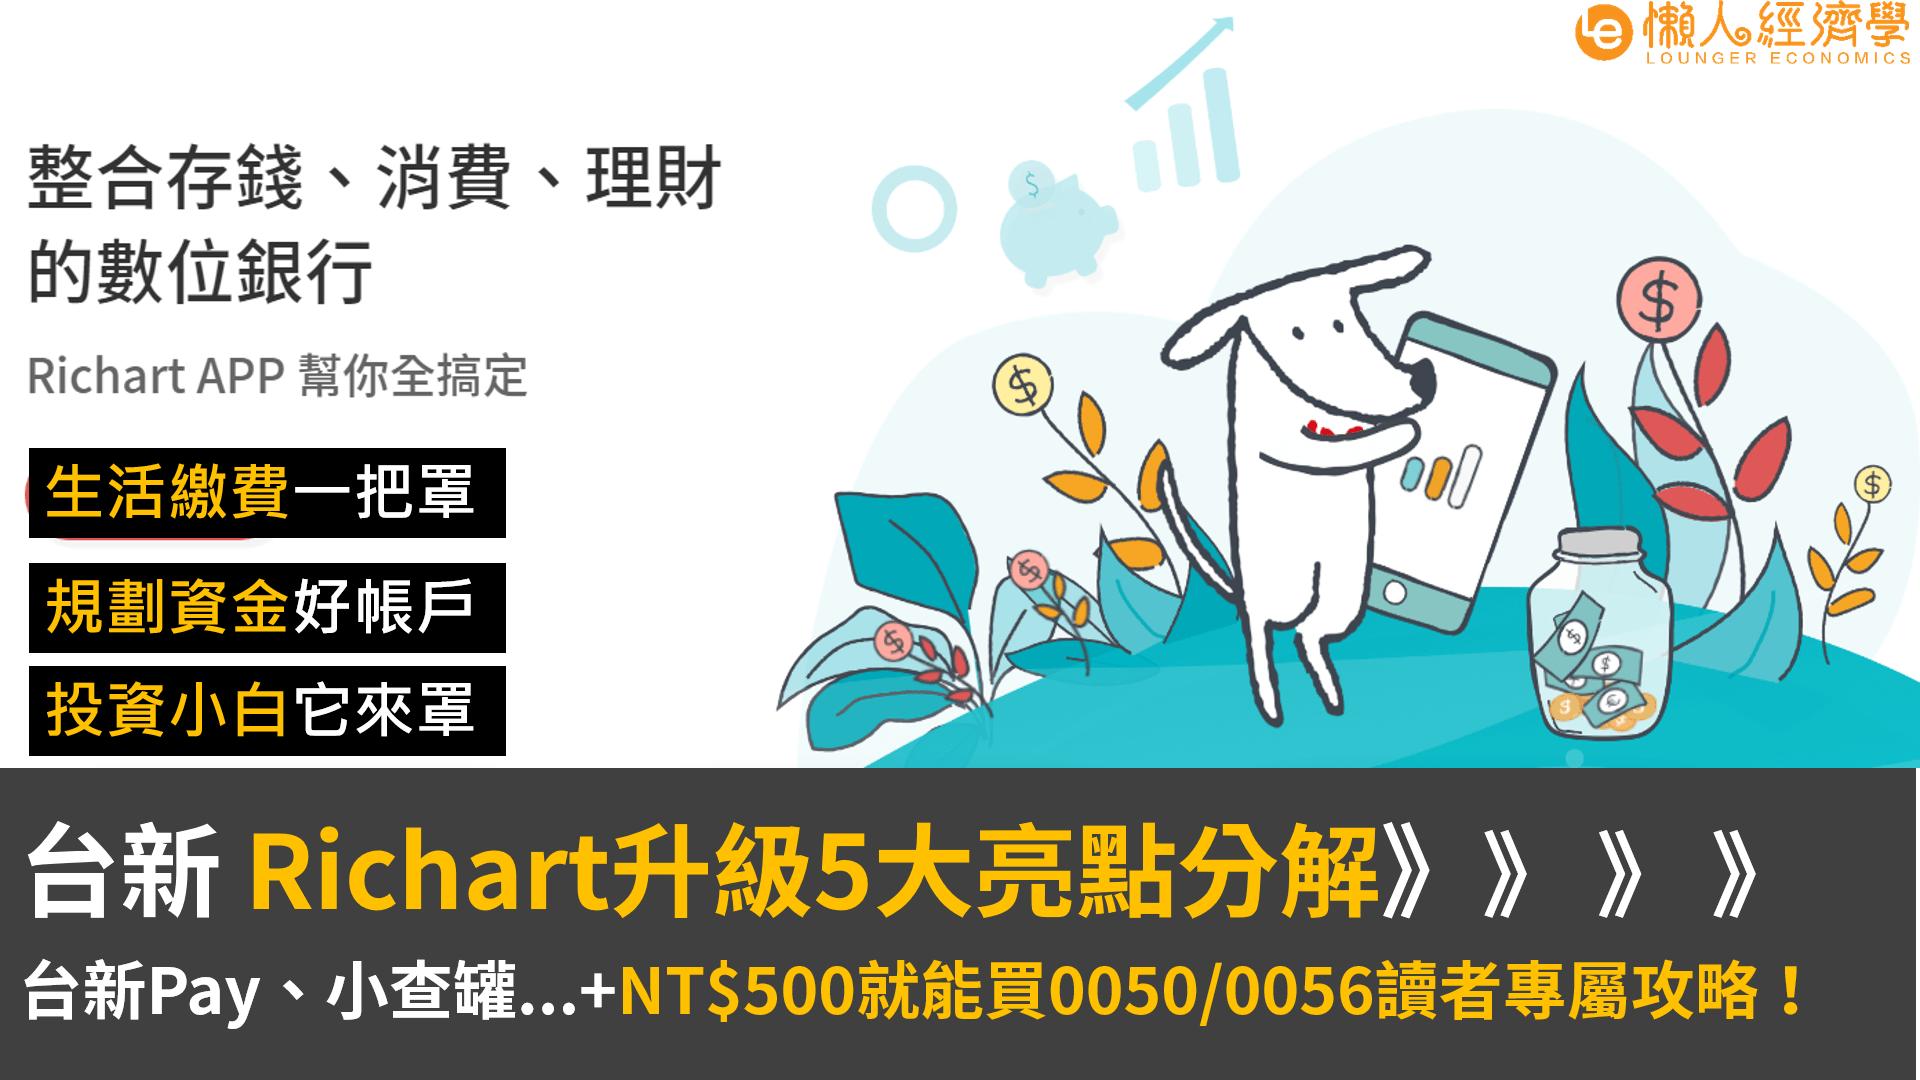 台新 Richart數位帳戶功能升級亮點介紹